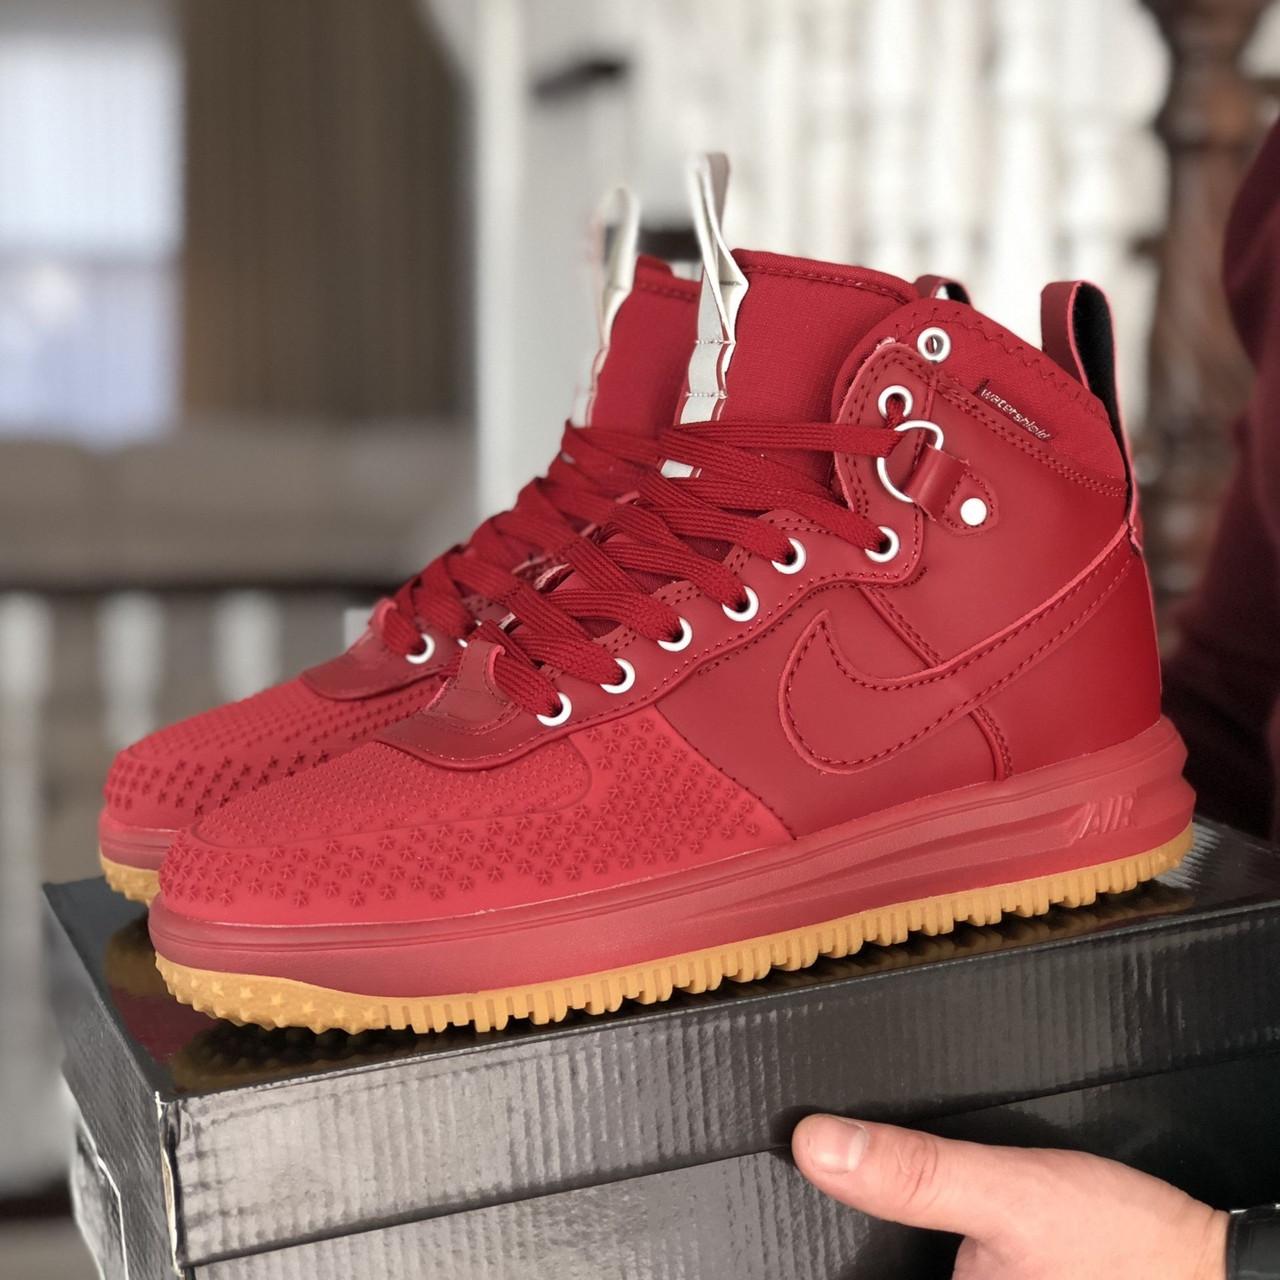 Мужские кроссовки в стиле Nike Lunar Force 1 Duckboot 16' Red